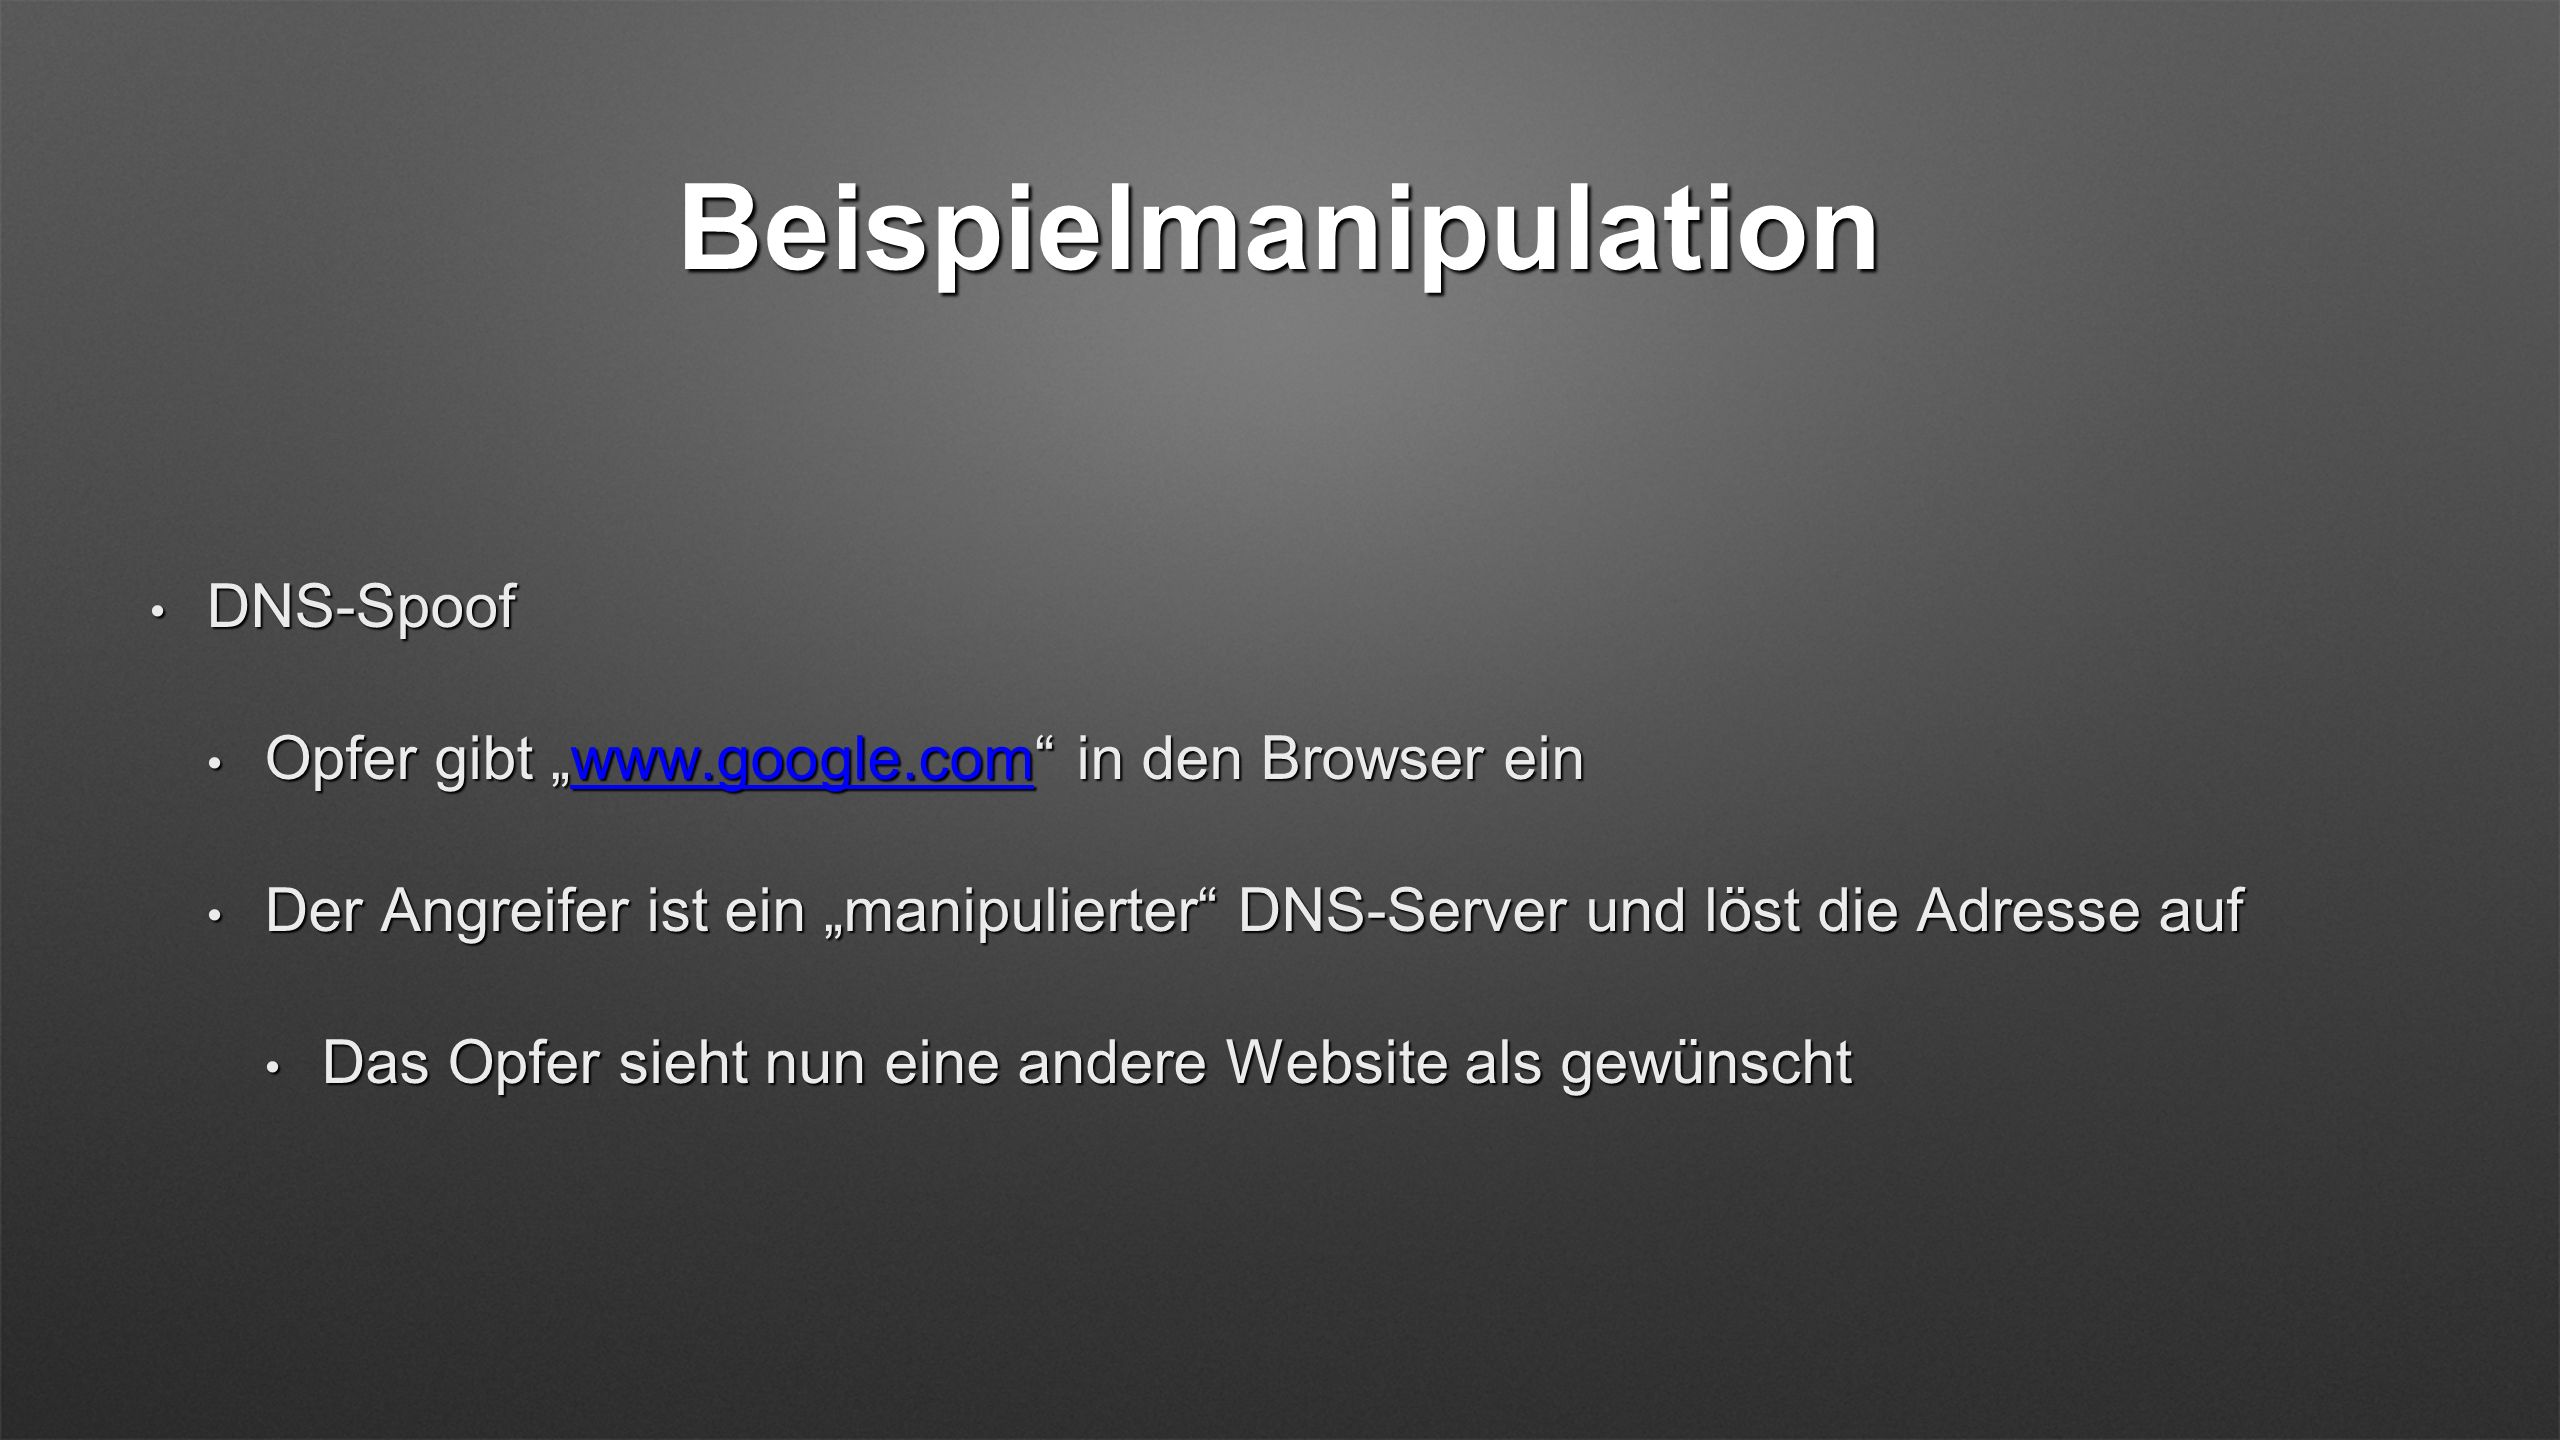 Beispielmanipulation DNS-Spoof DNS-Spoof Opfer gibt www.google.com in den Browser ein Opfer gibt www.google.com in den Browser einwww.google.com Der A